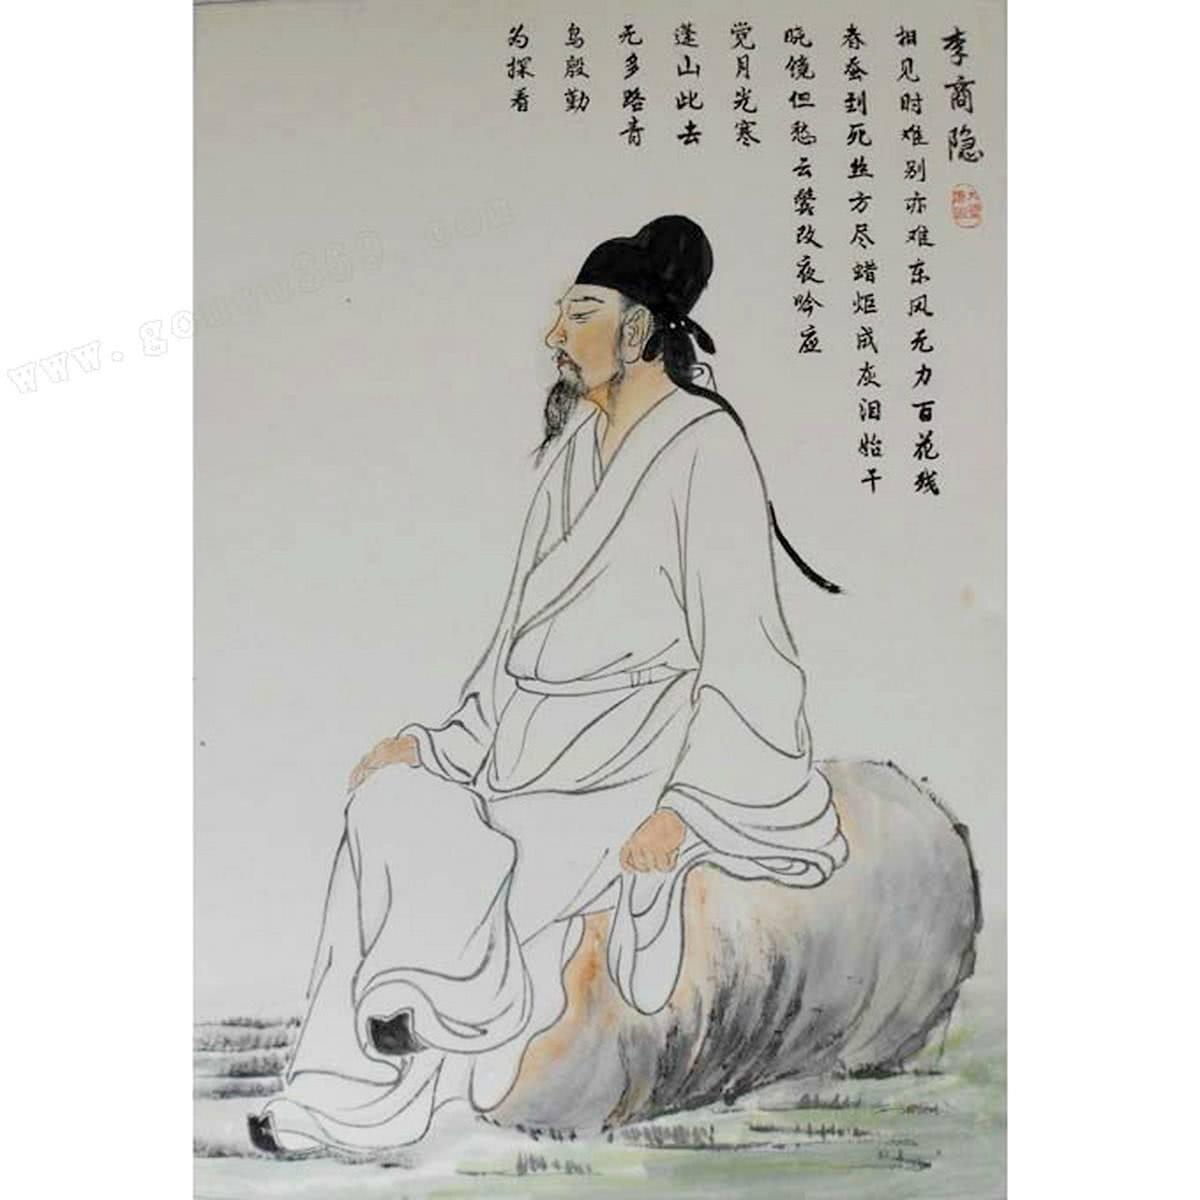 """李商隐最有温度的七绝唐诗,28个字却出现了两次""""巴山夜雨"""""""